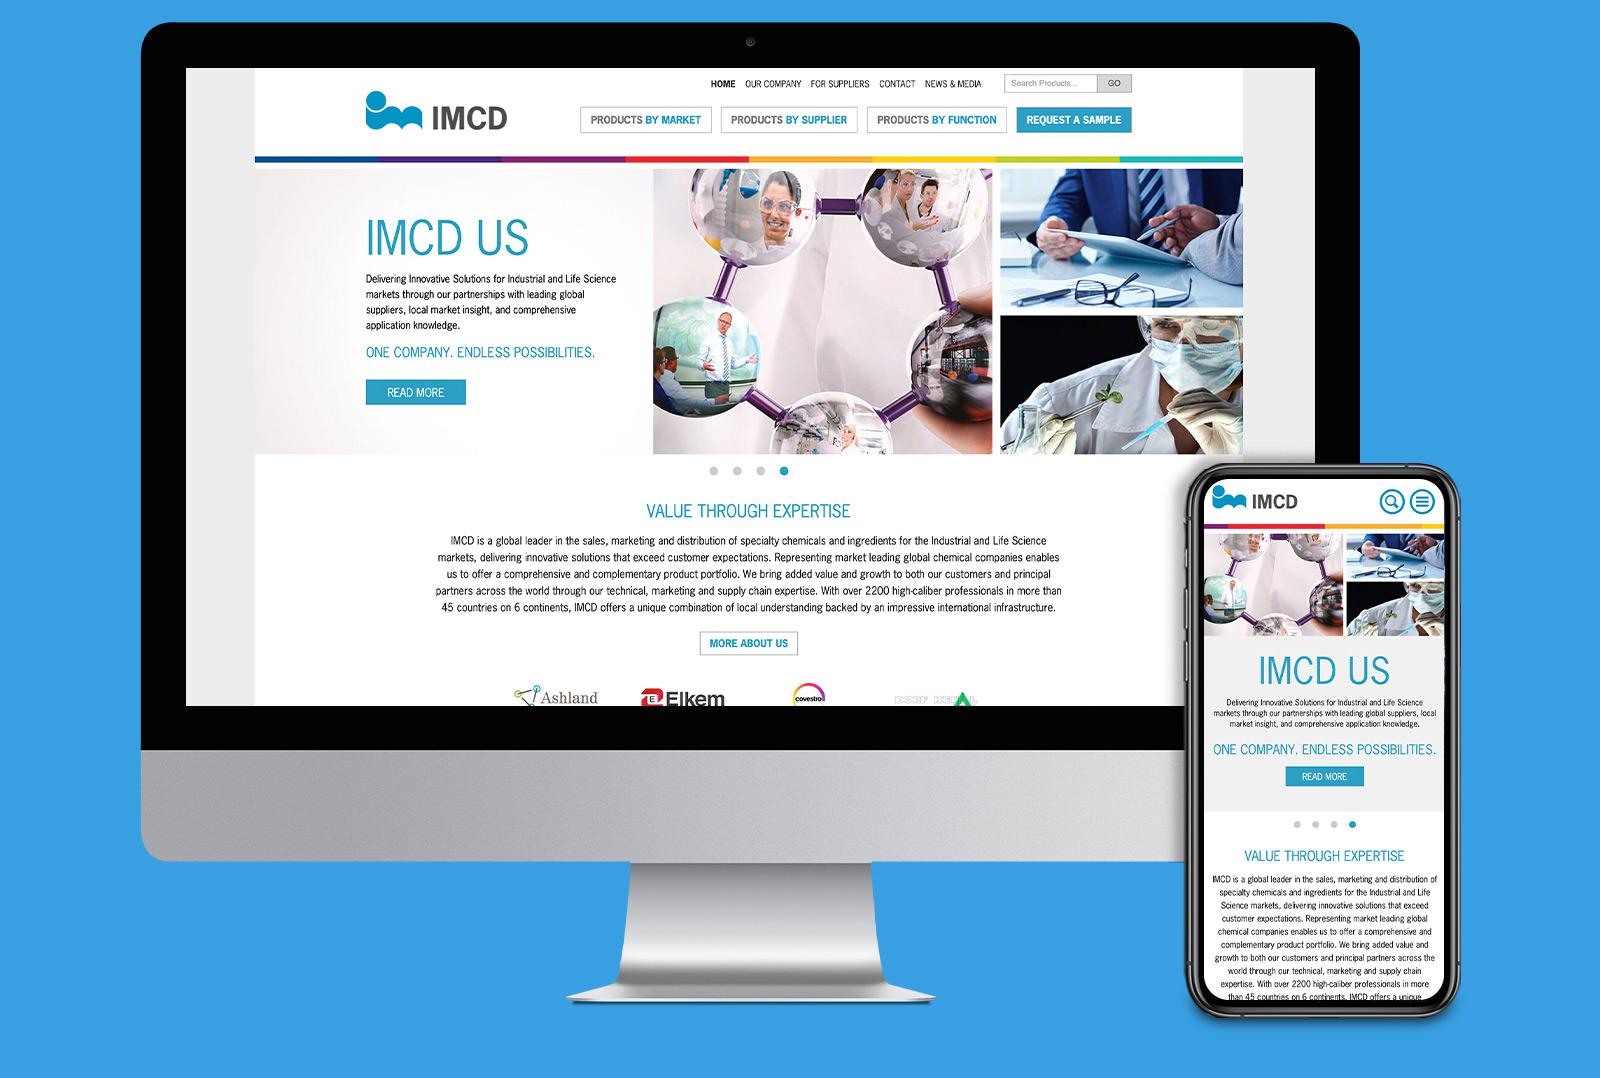 IMCD website landing page on desktop and mobile